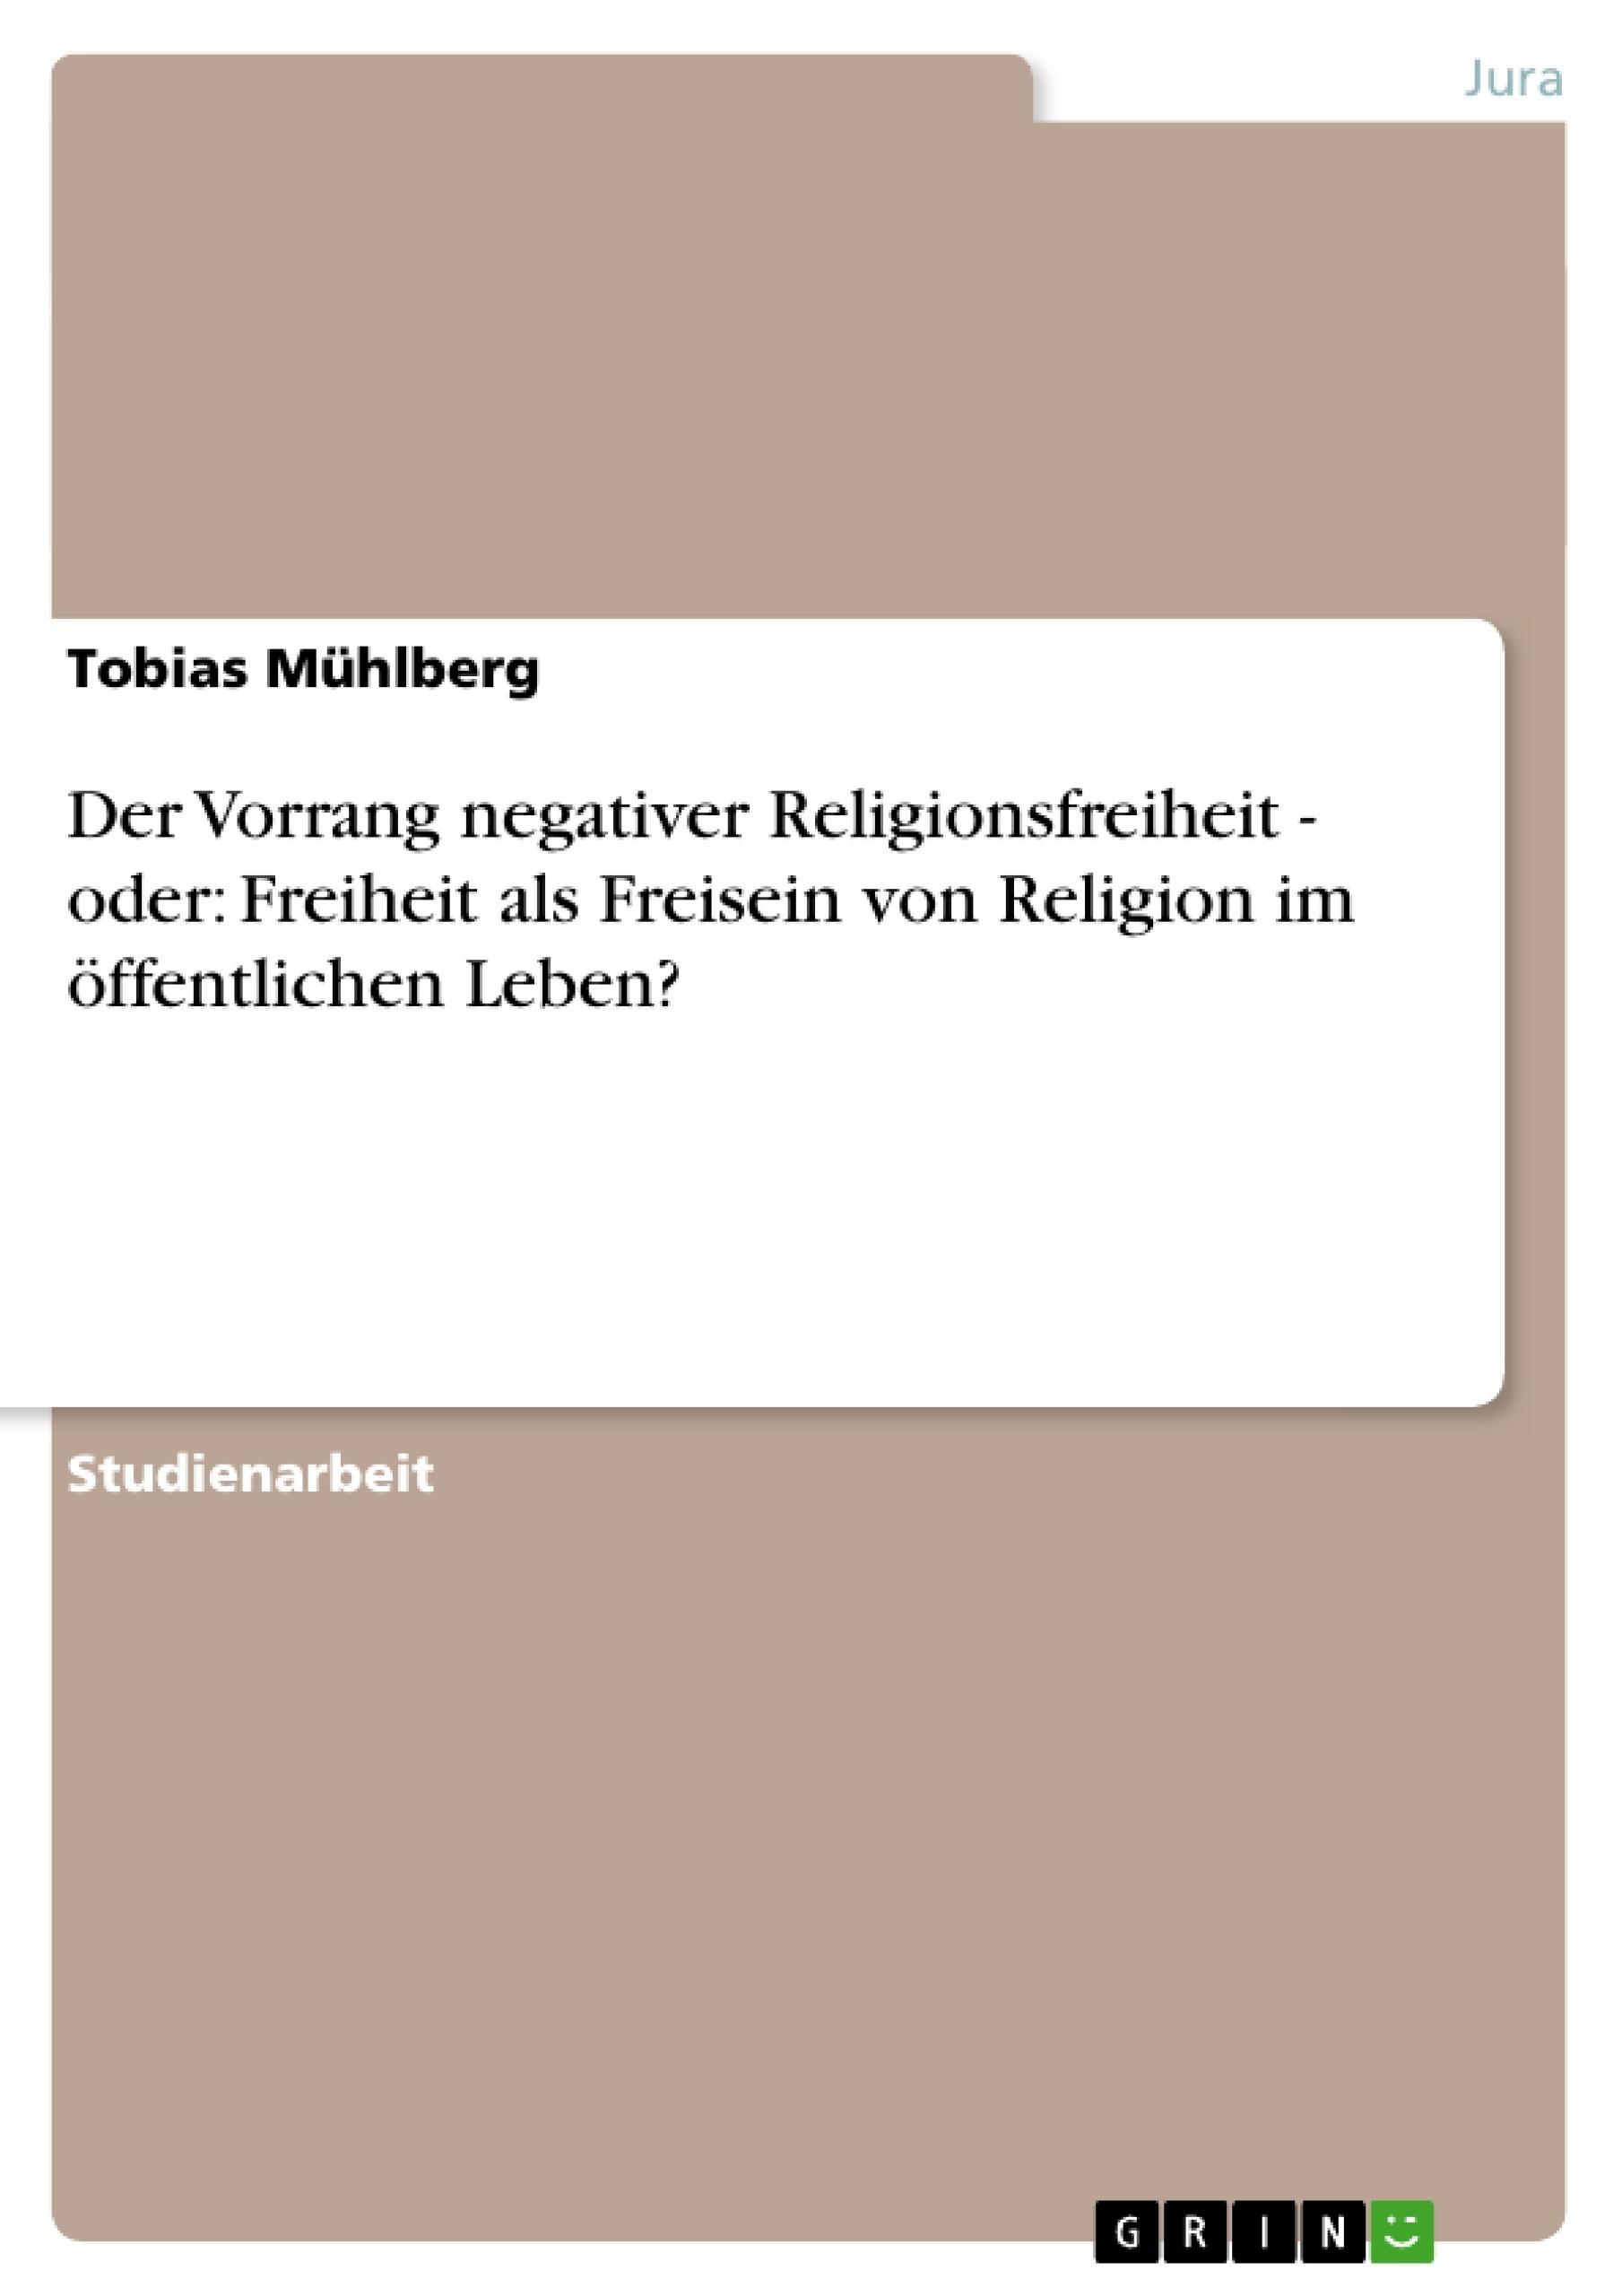 Titel: Der Vorrang negativer Religionsfreiheit - oder: Freiheit als Freisein von Religion im öffentlichen Leben?